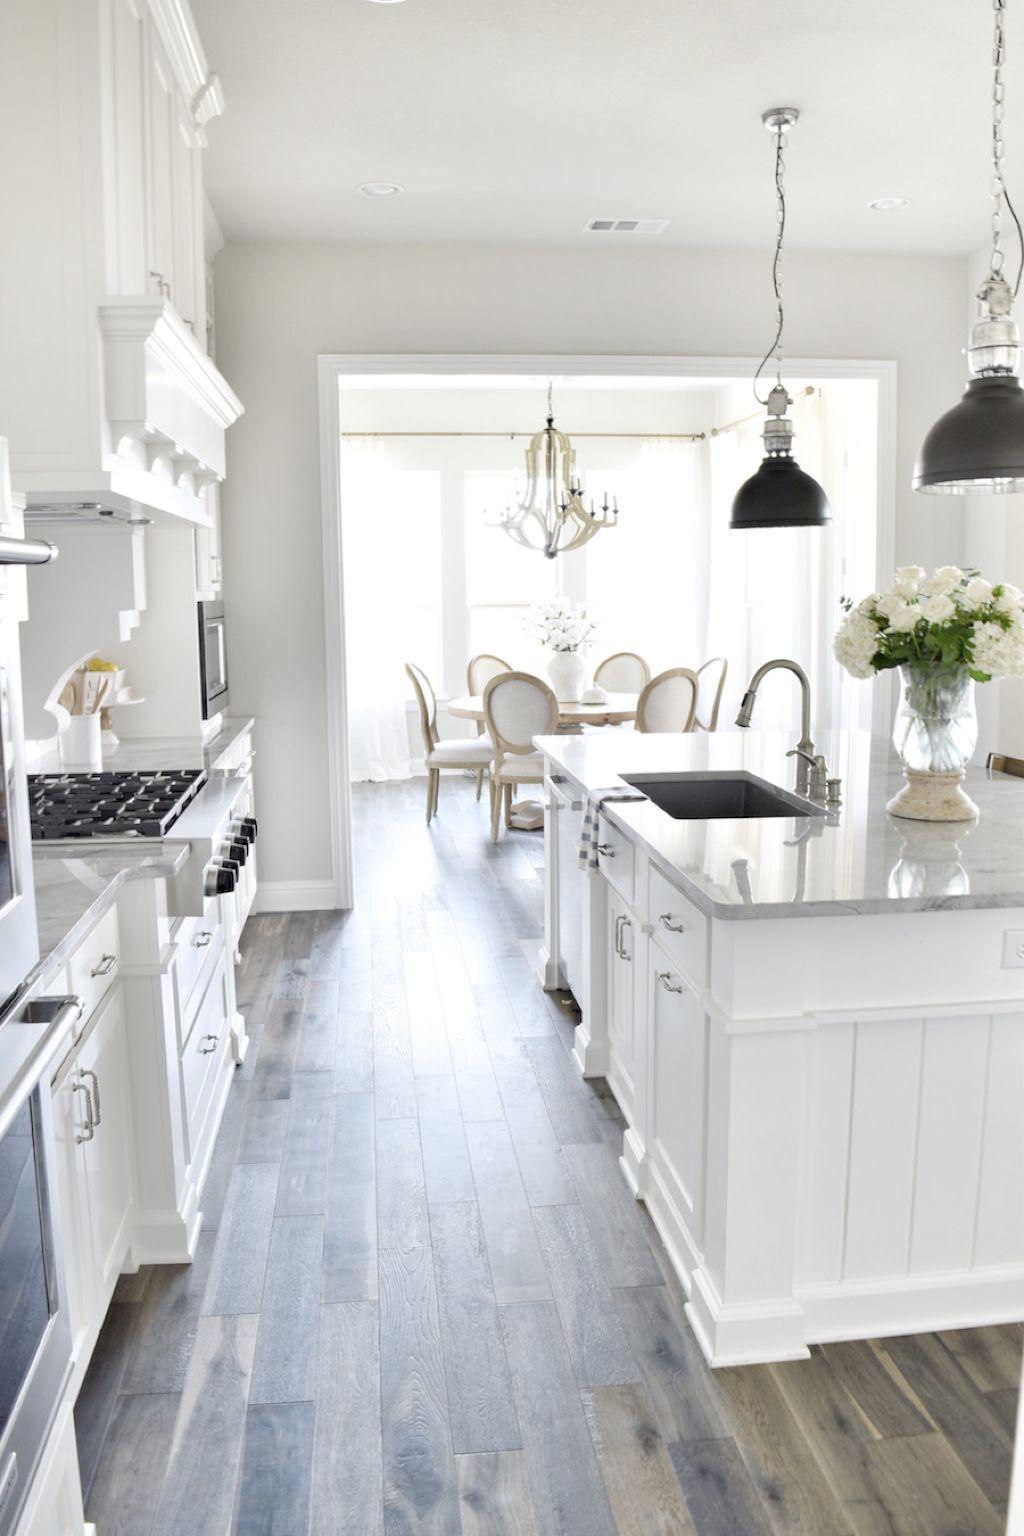 28 Luxury White Kitchen Decor Ideas White Kitchen Decor White Kitchen Design Luxury White Kitchen